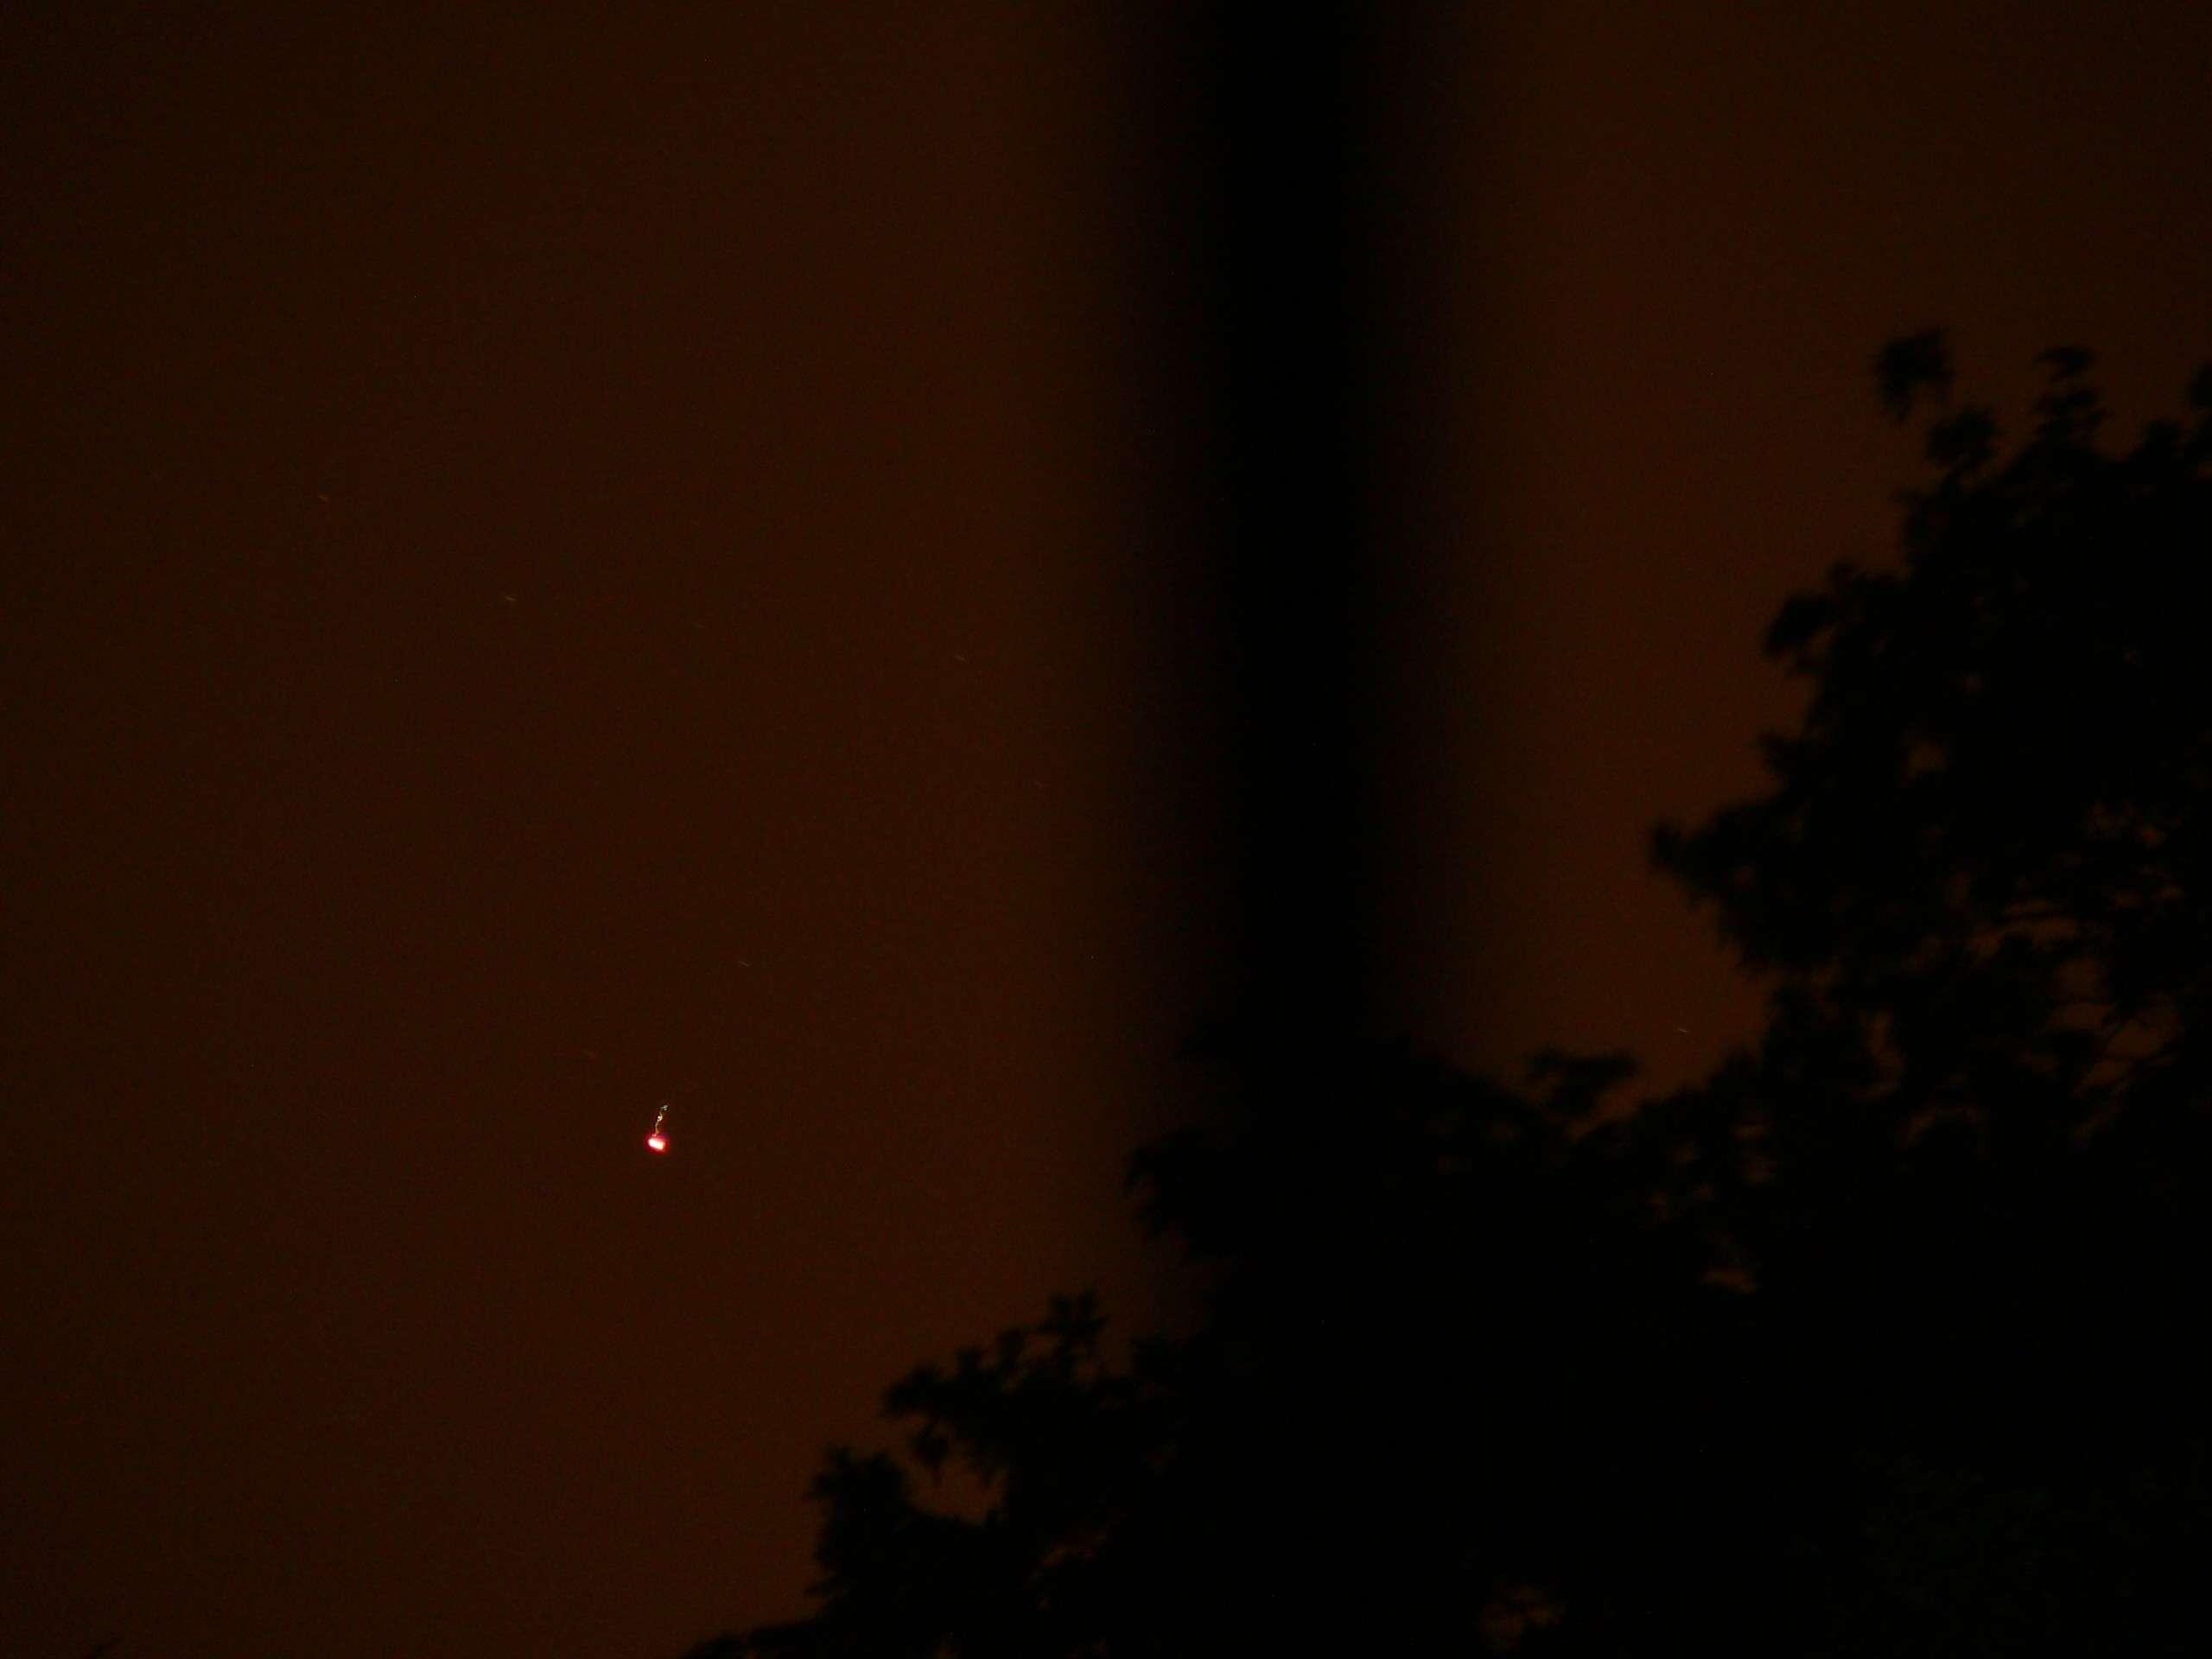 Plateau de Saclay (91) nuit du 24 au 25 mai 2011 : lumières mouvantes - Page 2 P1200422